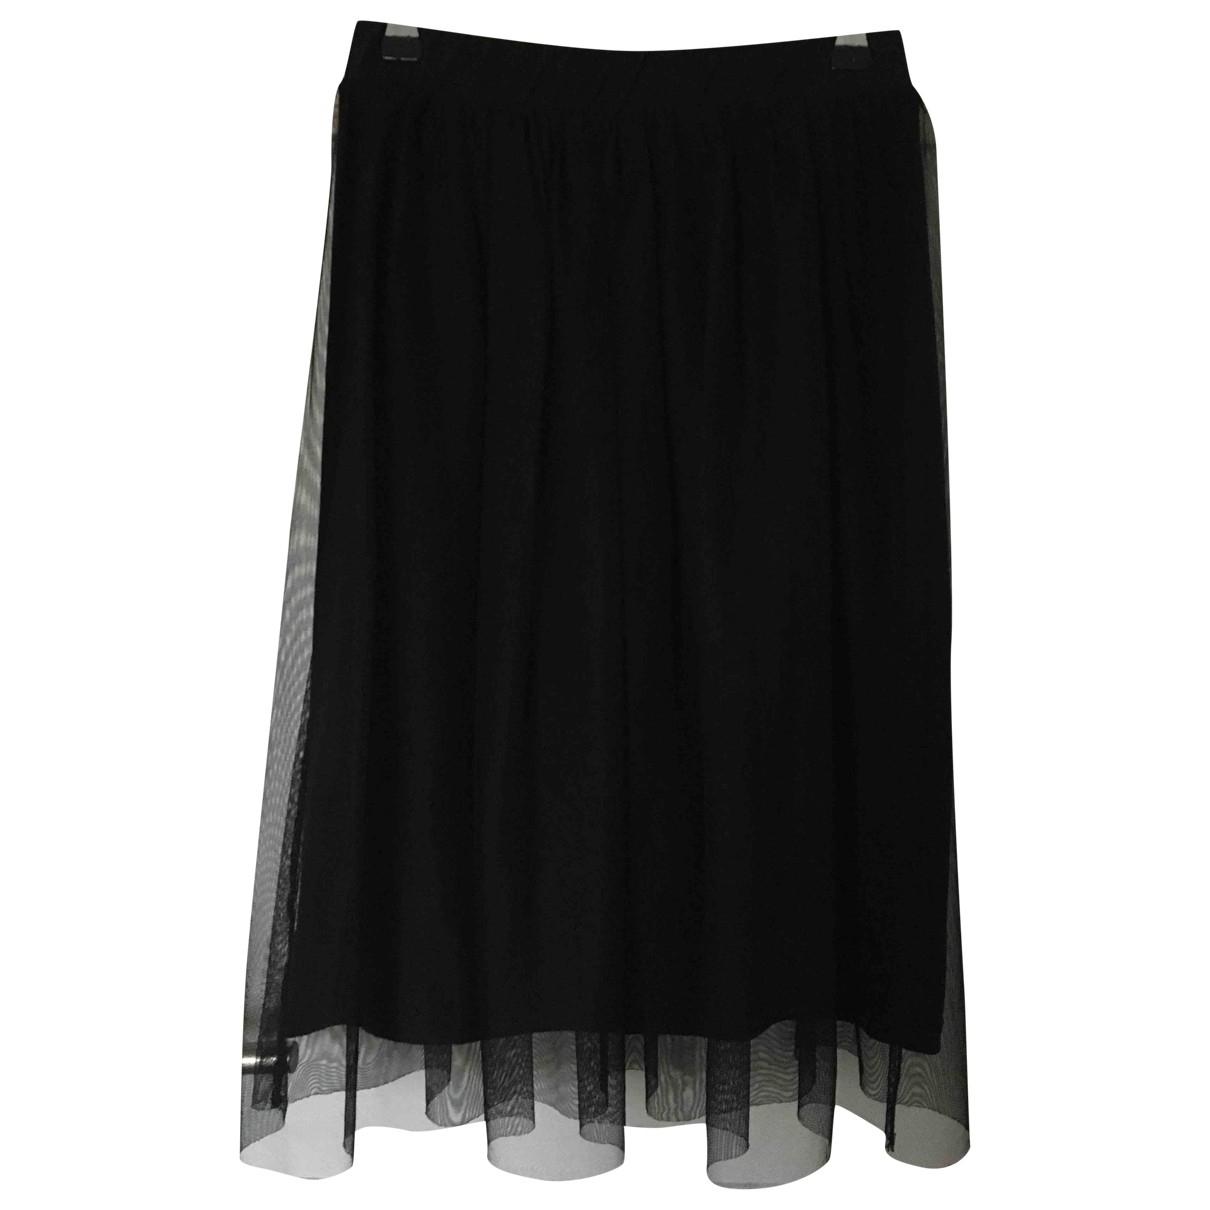 tophop \N Black Cotton - elasthane skirt for Women 8 UK